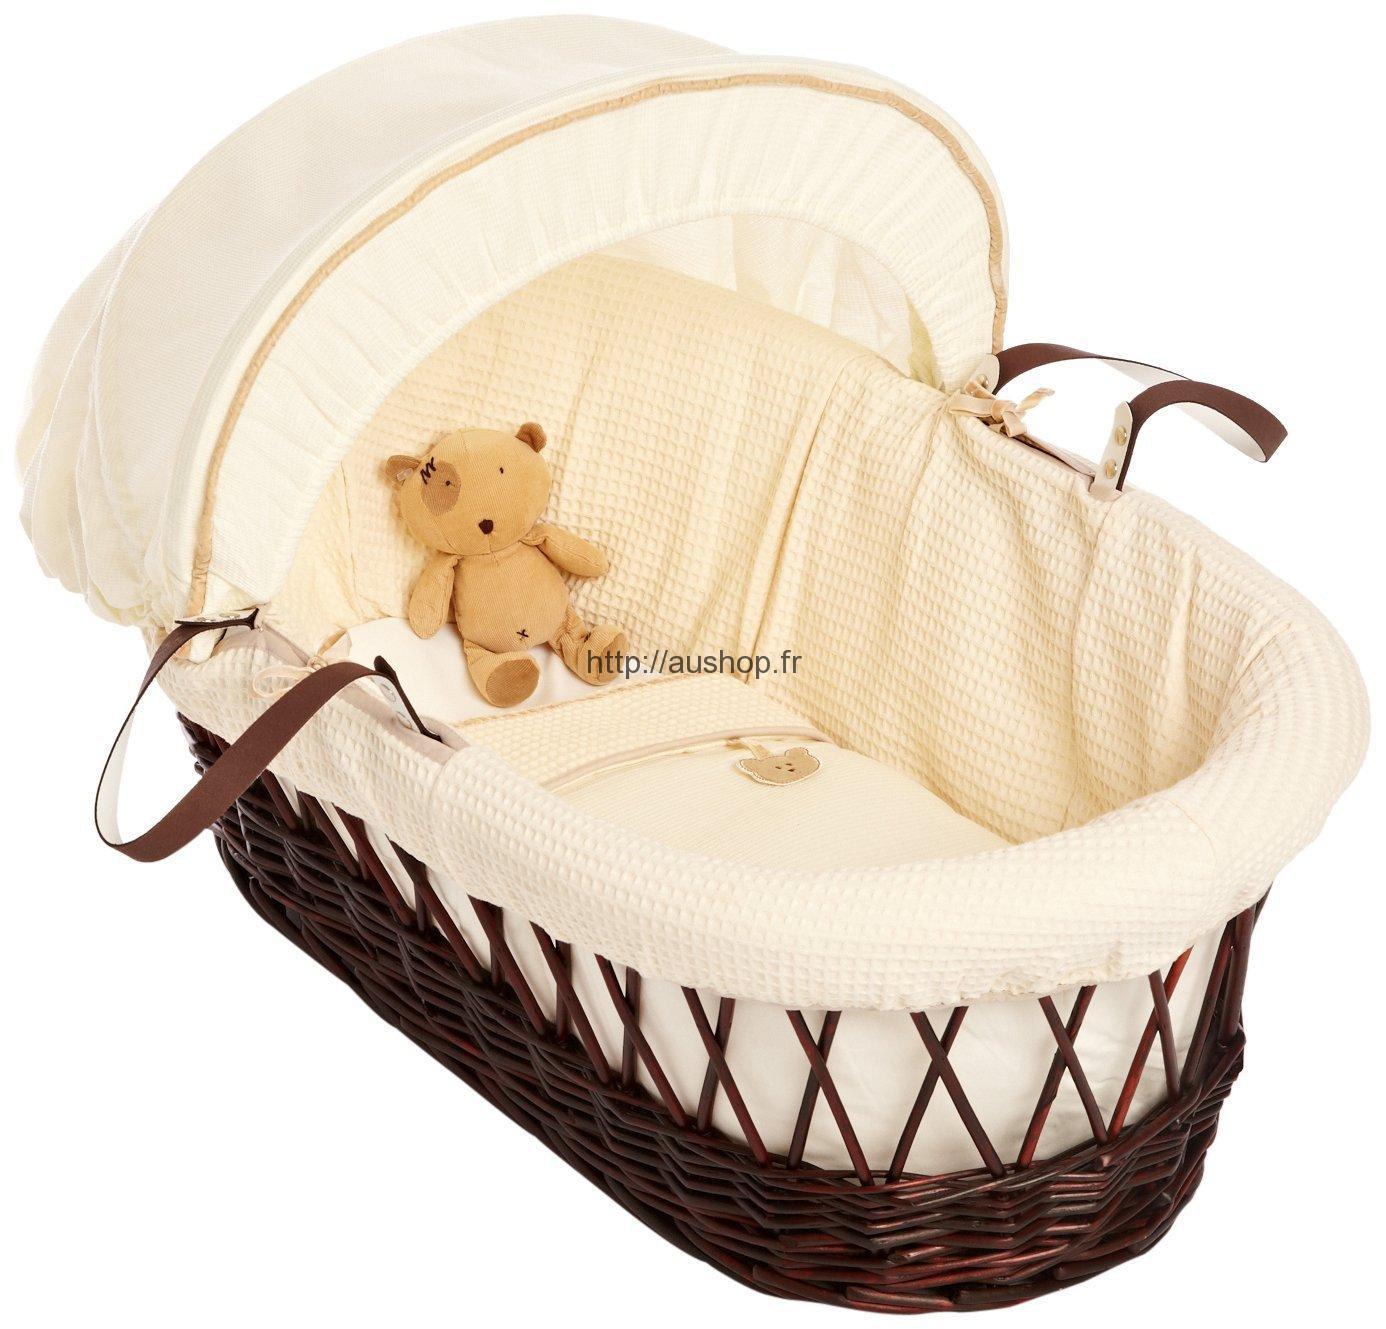 berceau b b en bois osier pas cher avec roues. Black Bedroom Furniture Sets. Home Design Ideas